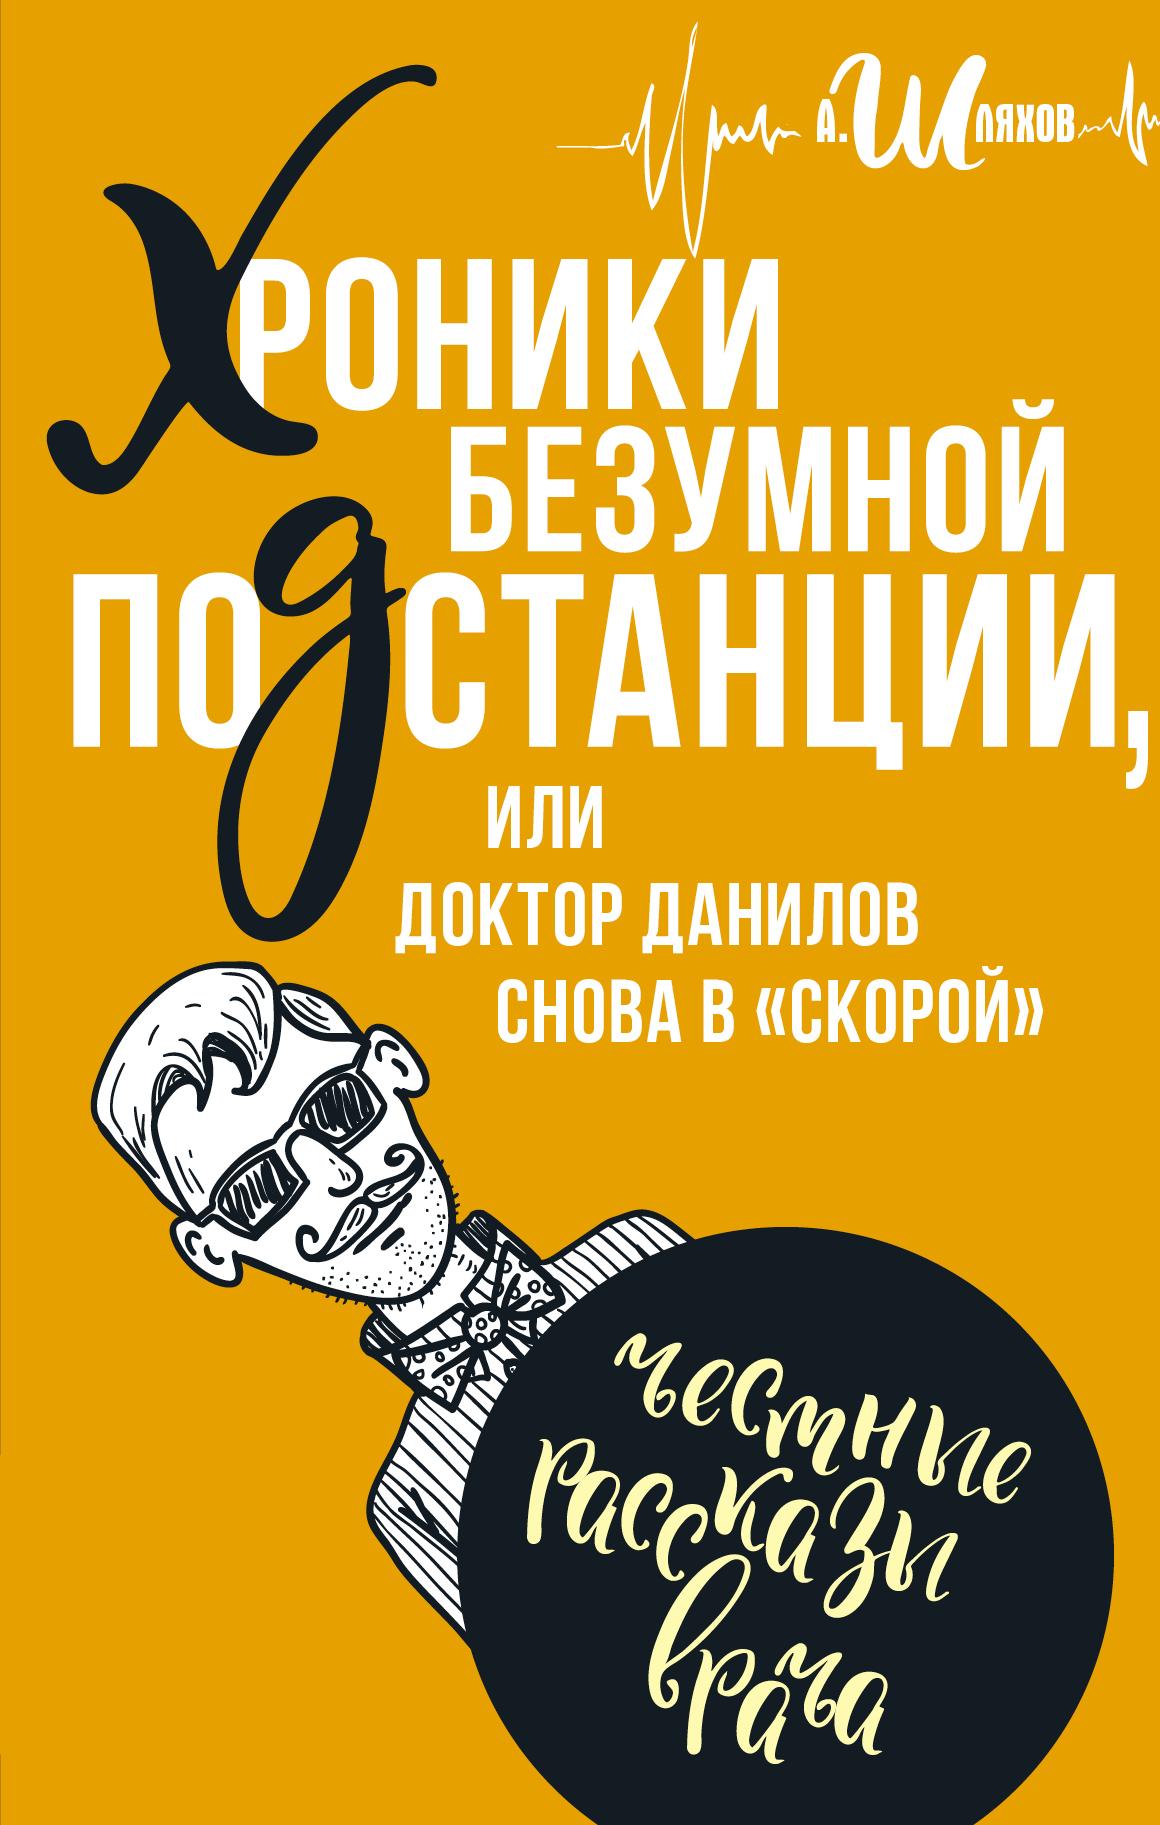 купить Андрей Шляхов Хроники безумной подстанции, или доктор Данилов снова в «скорой» по цене 164 рублей